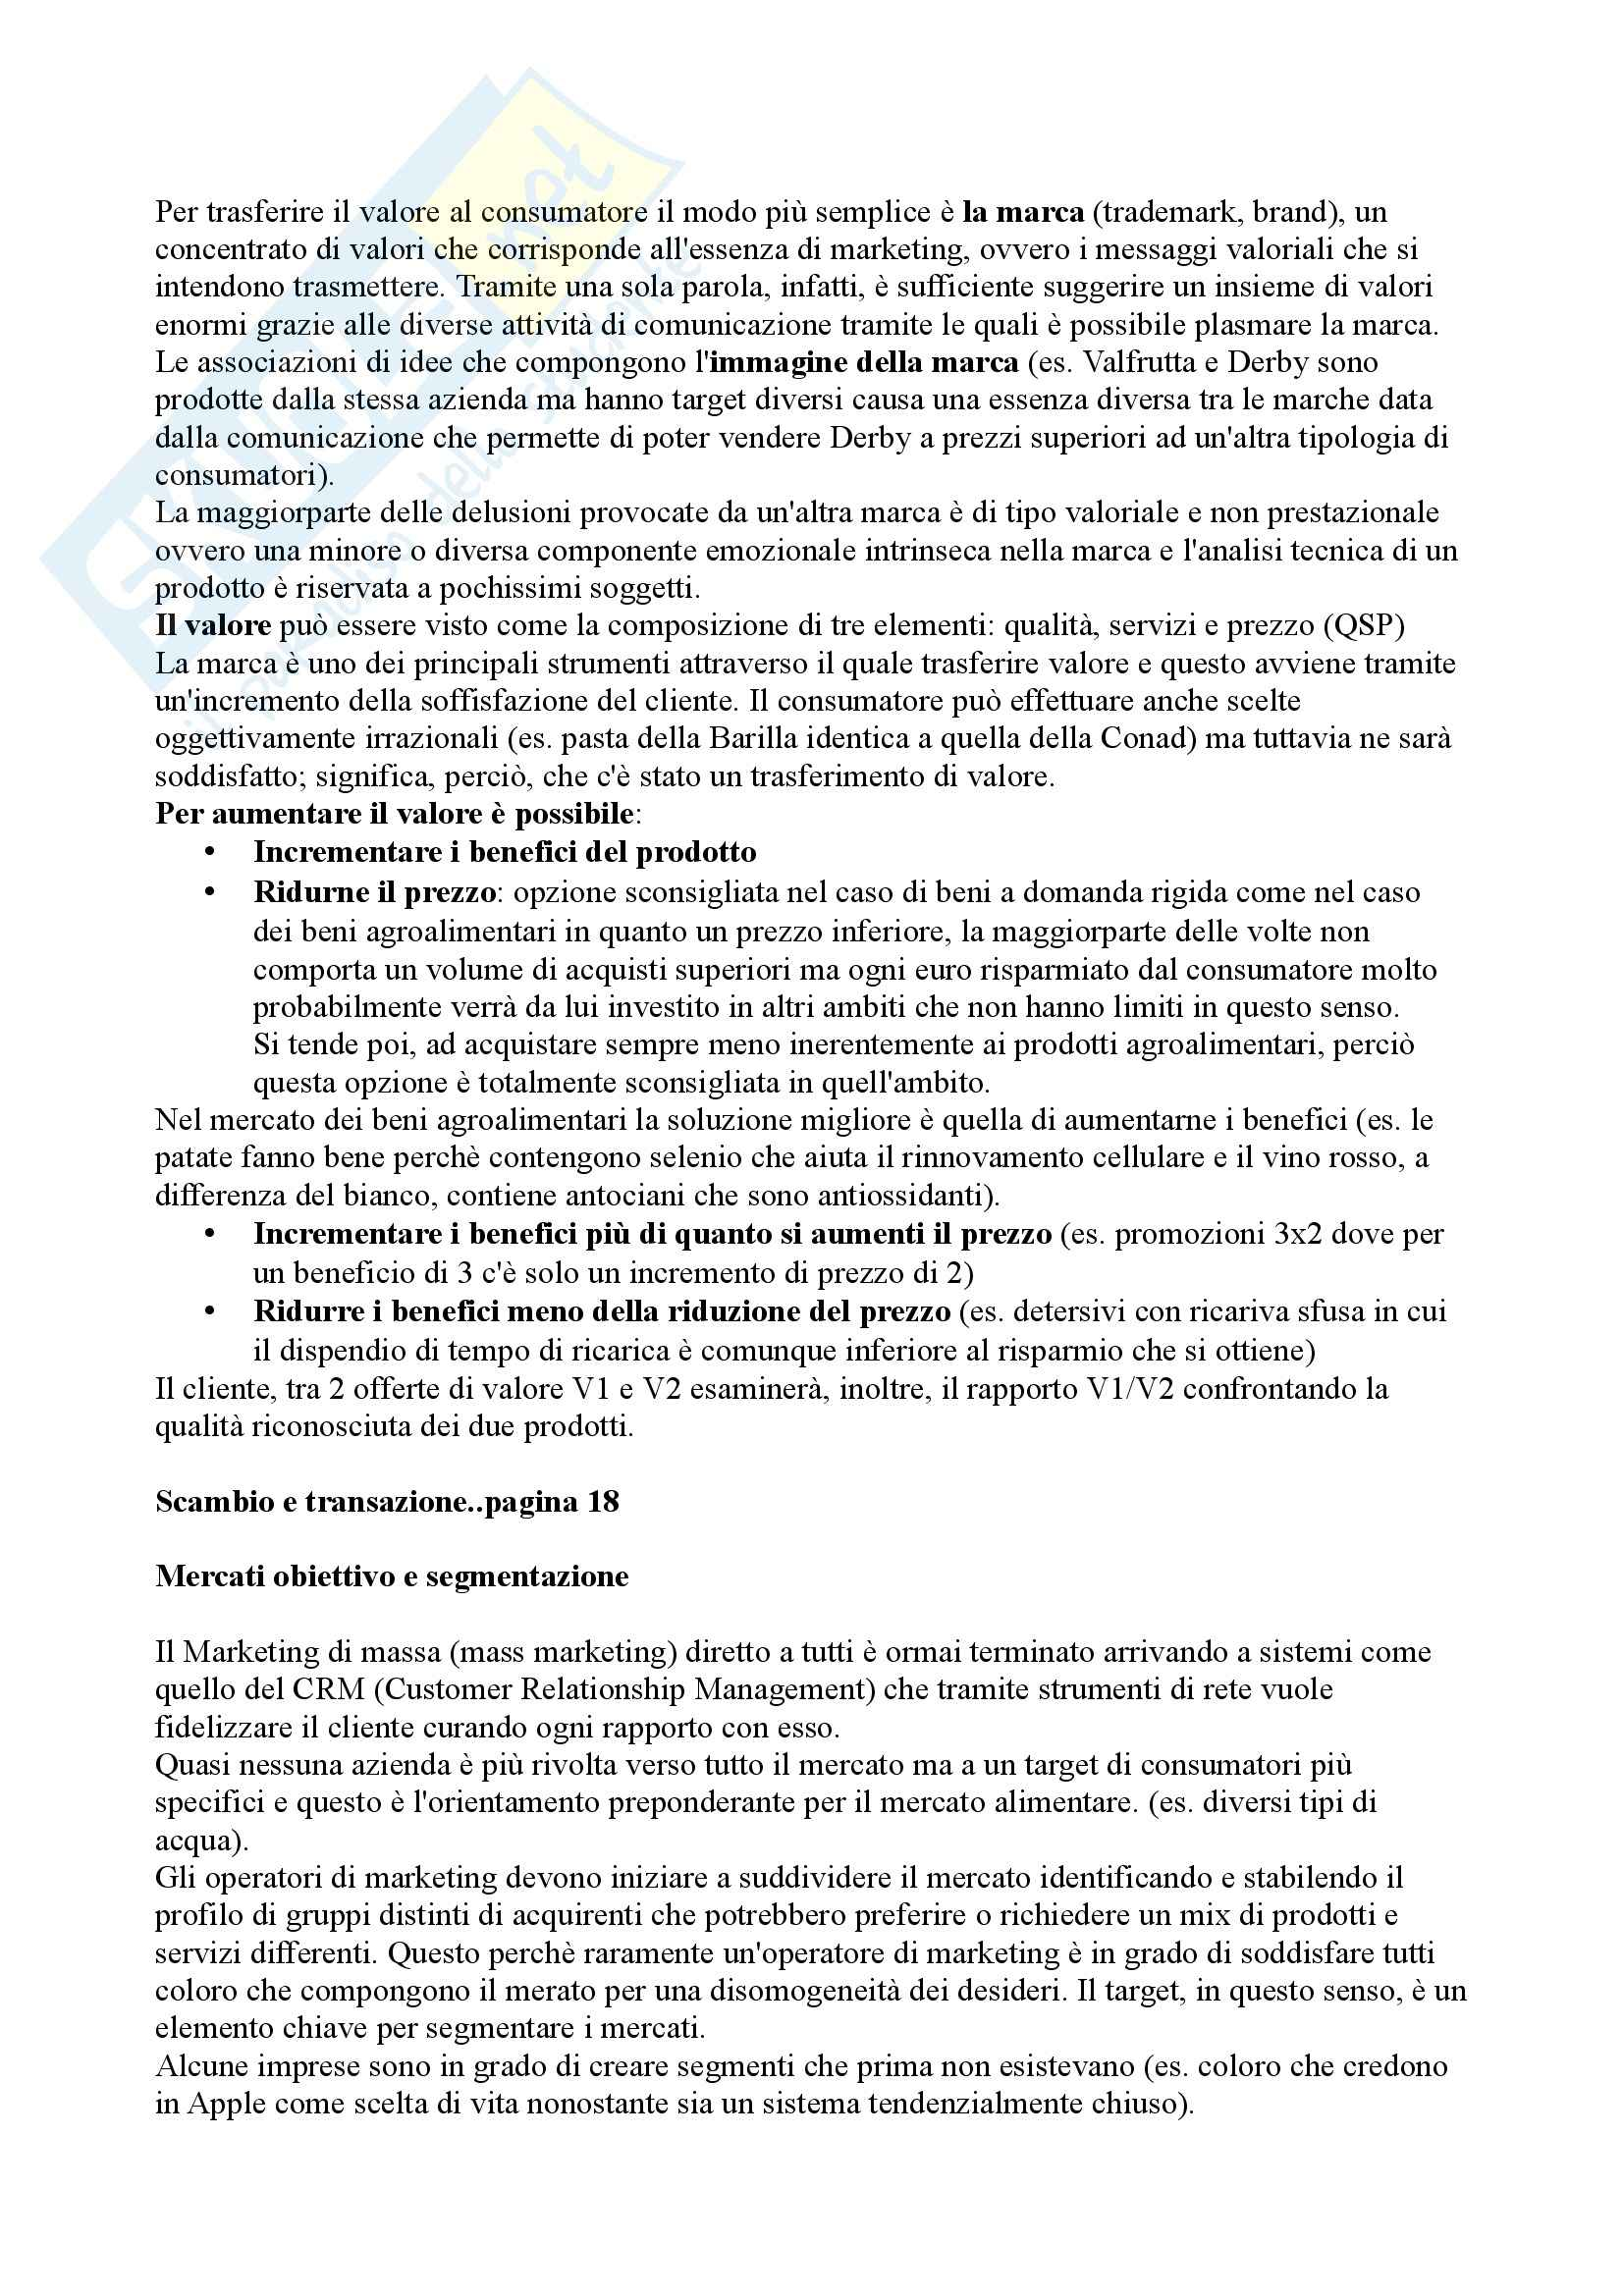 Marketing e Gestione dei prodotti agroalimentari - Appunti Pag. 16